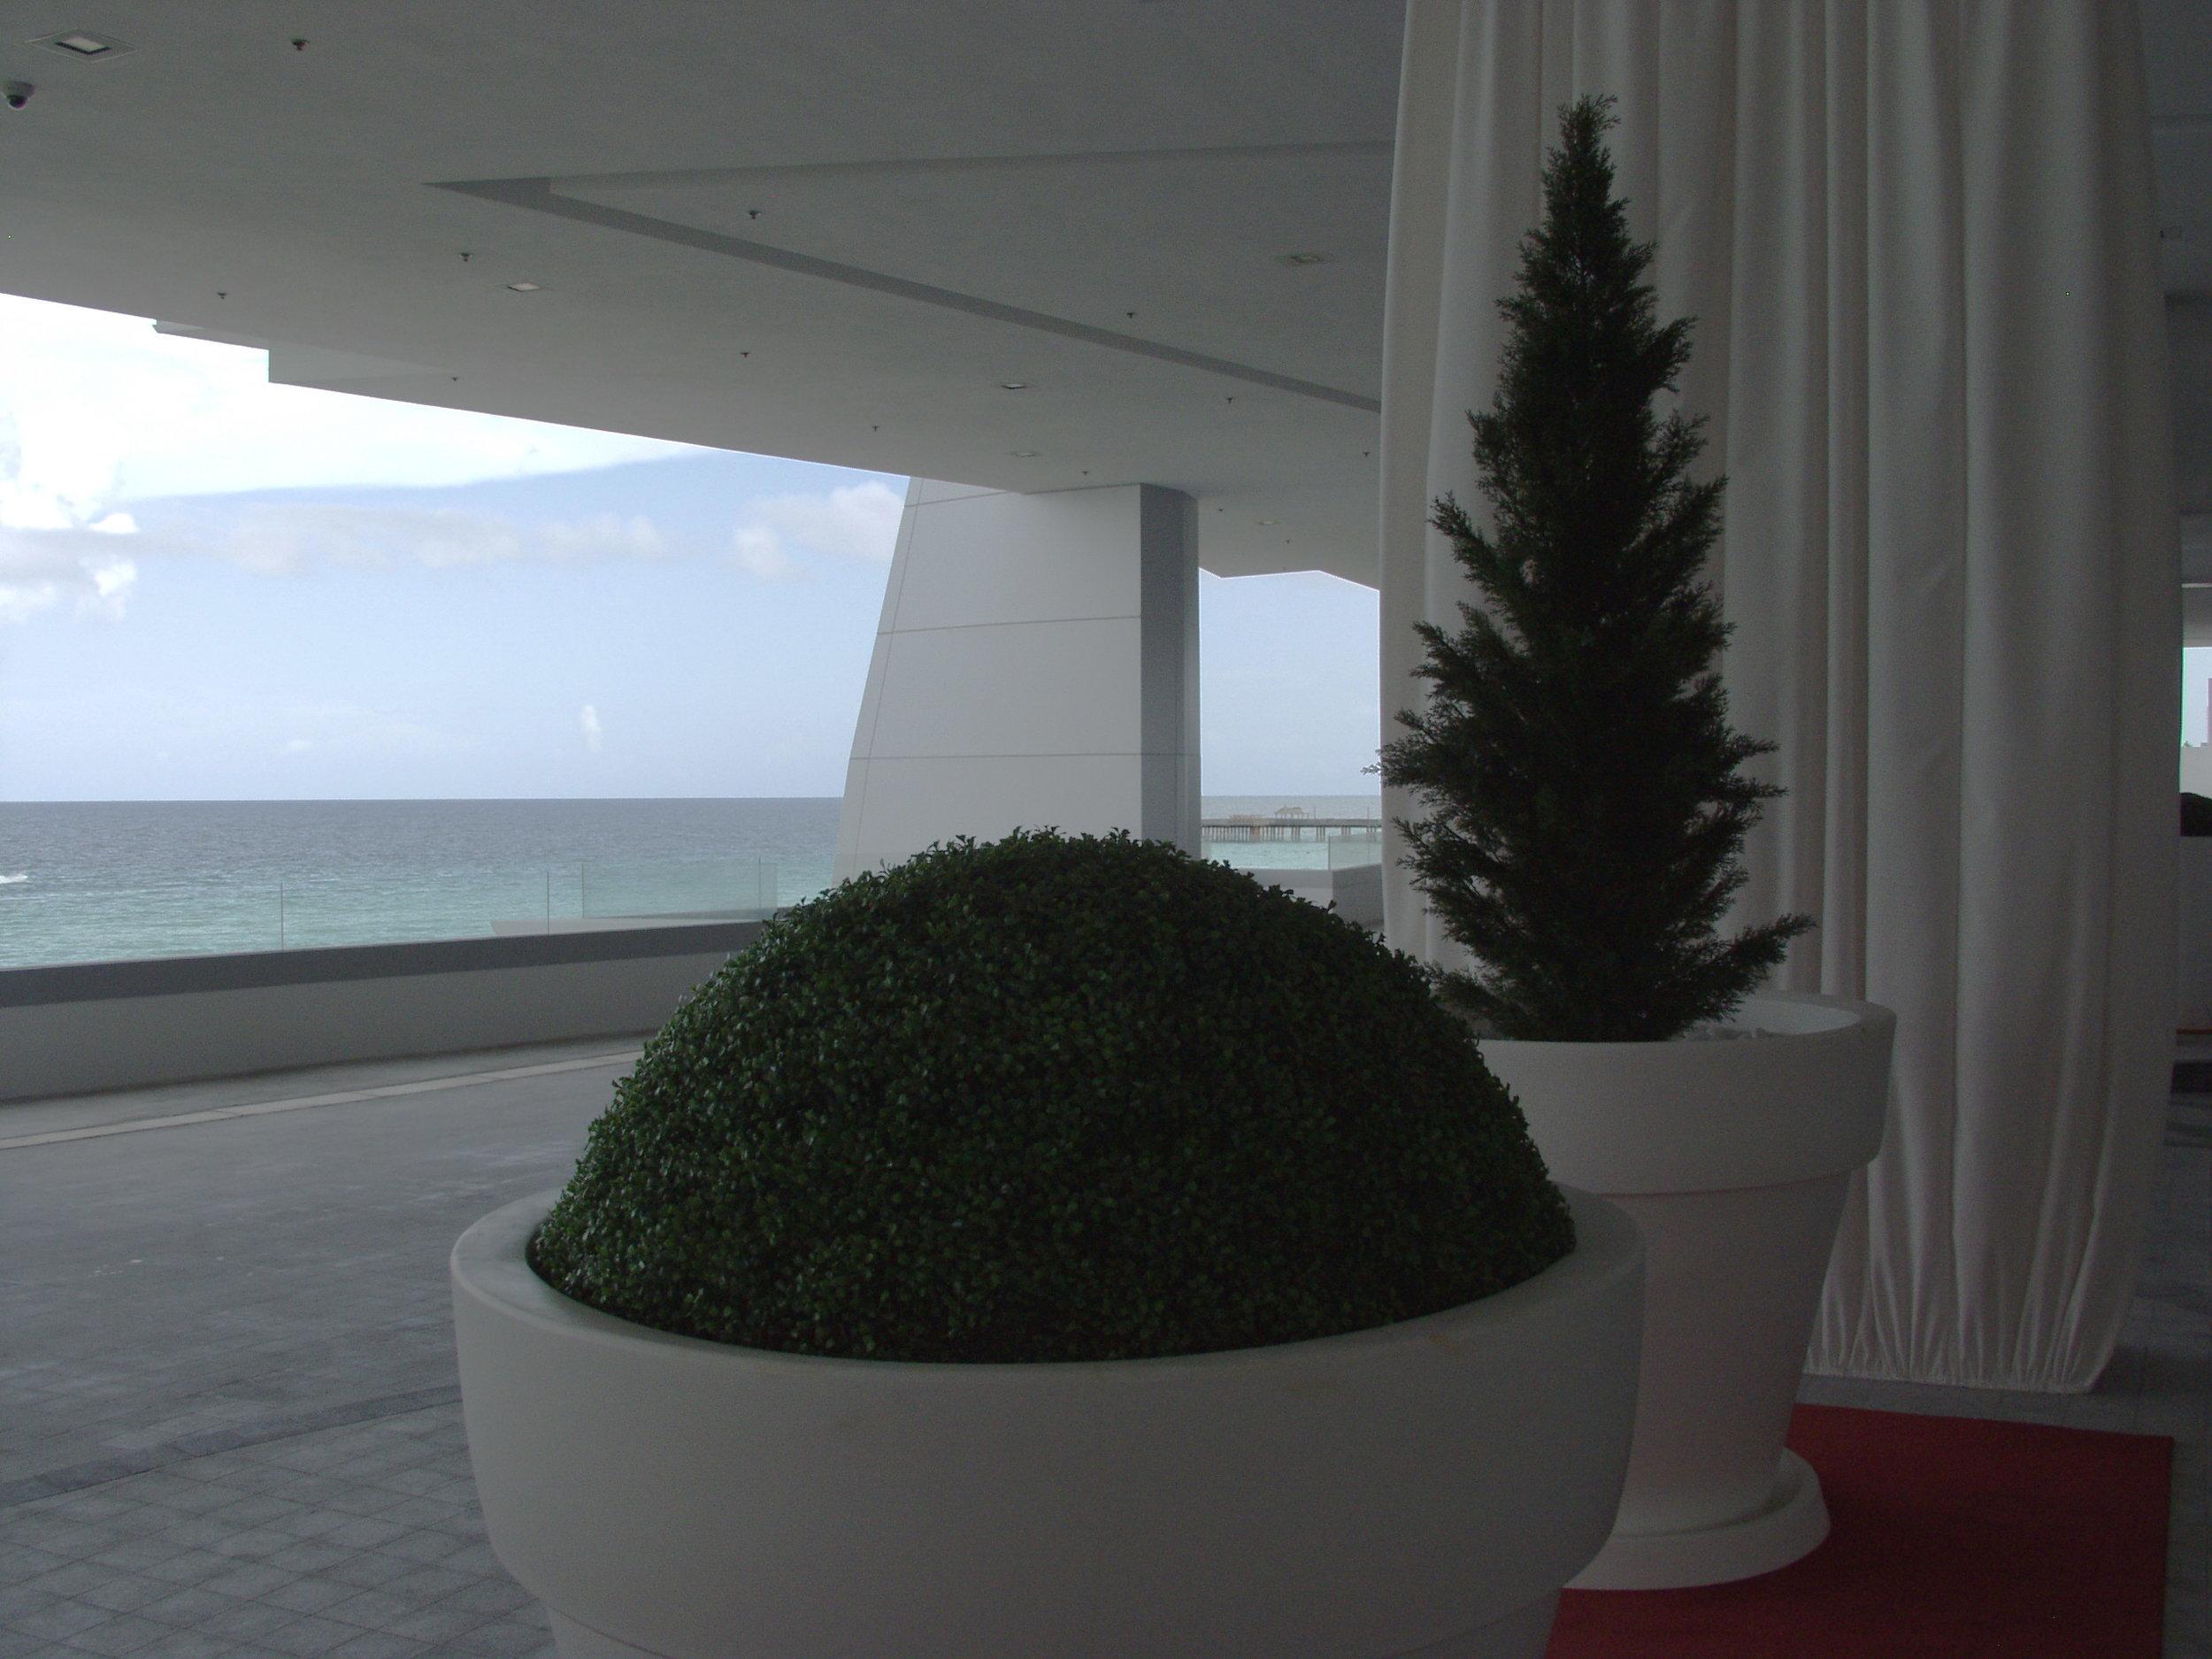 Resort Condo Miami